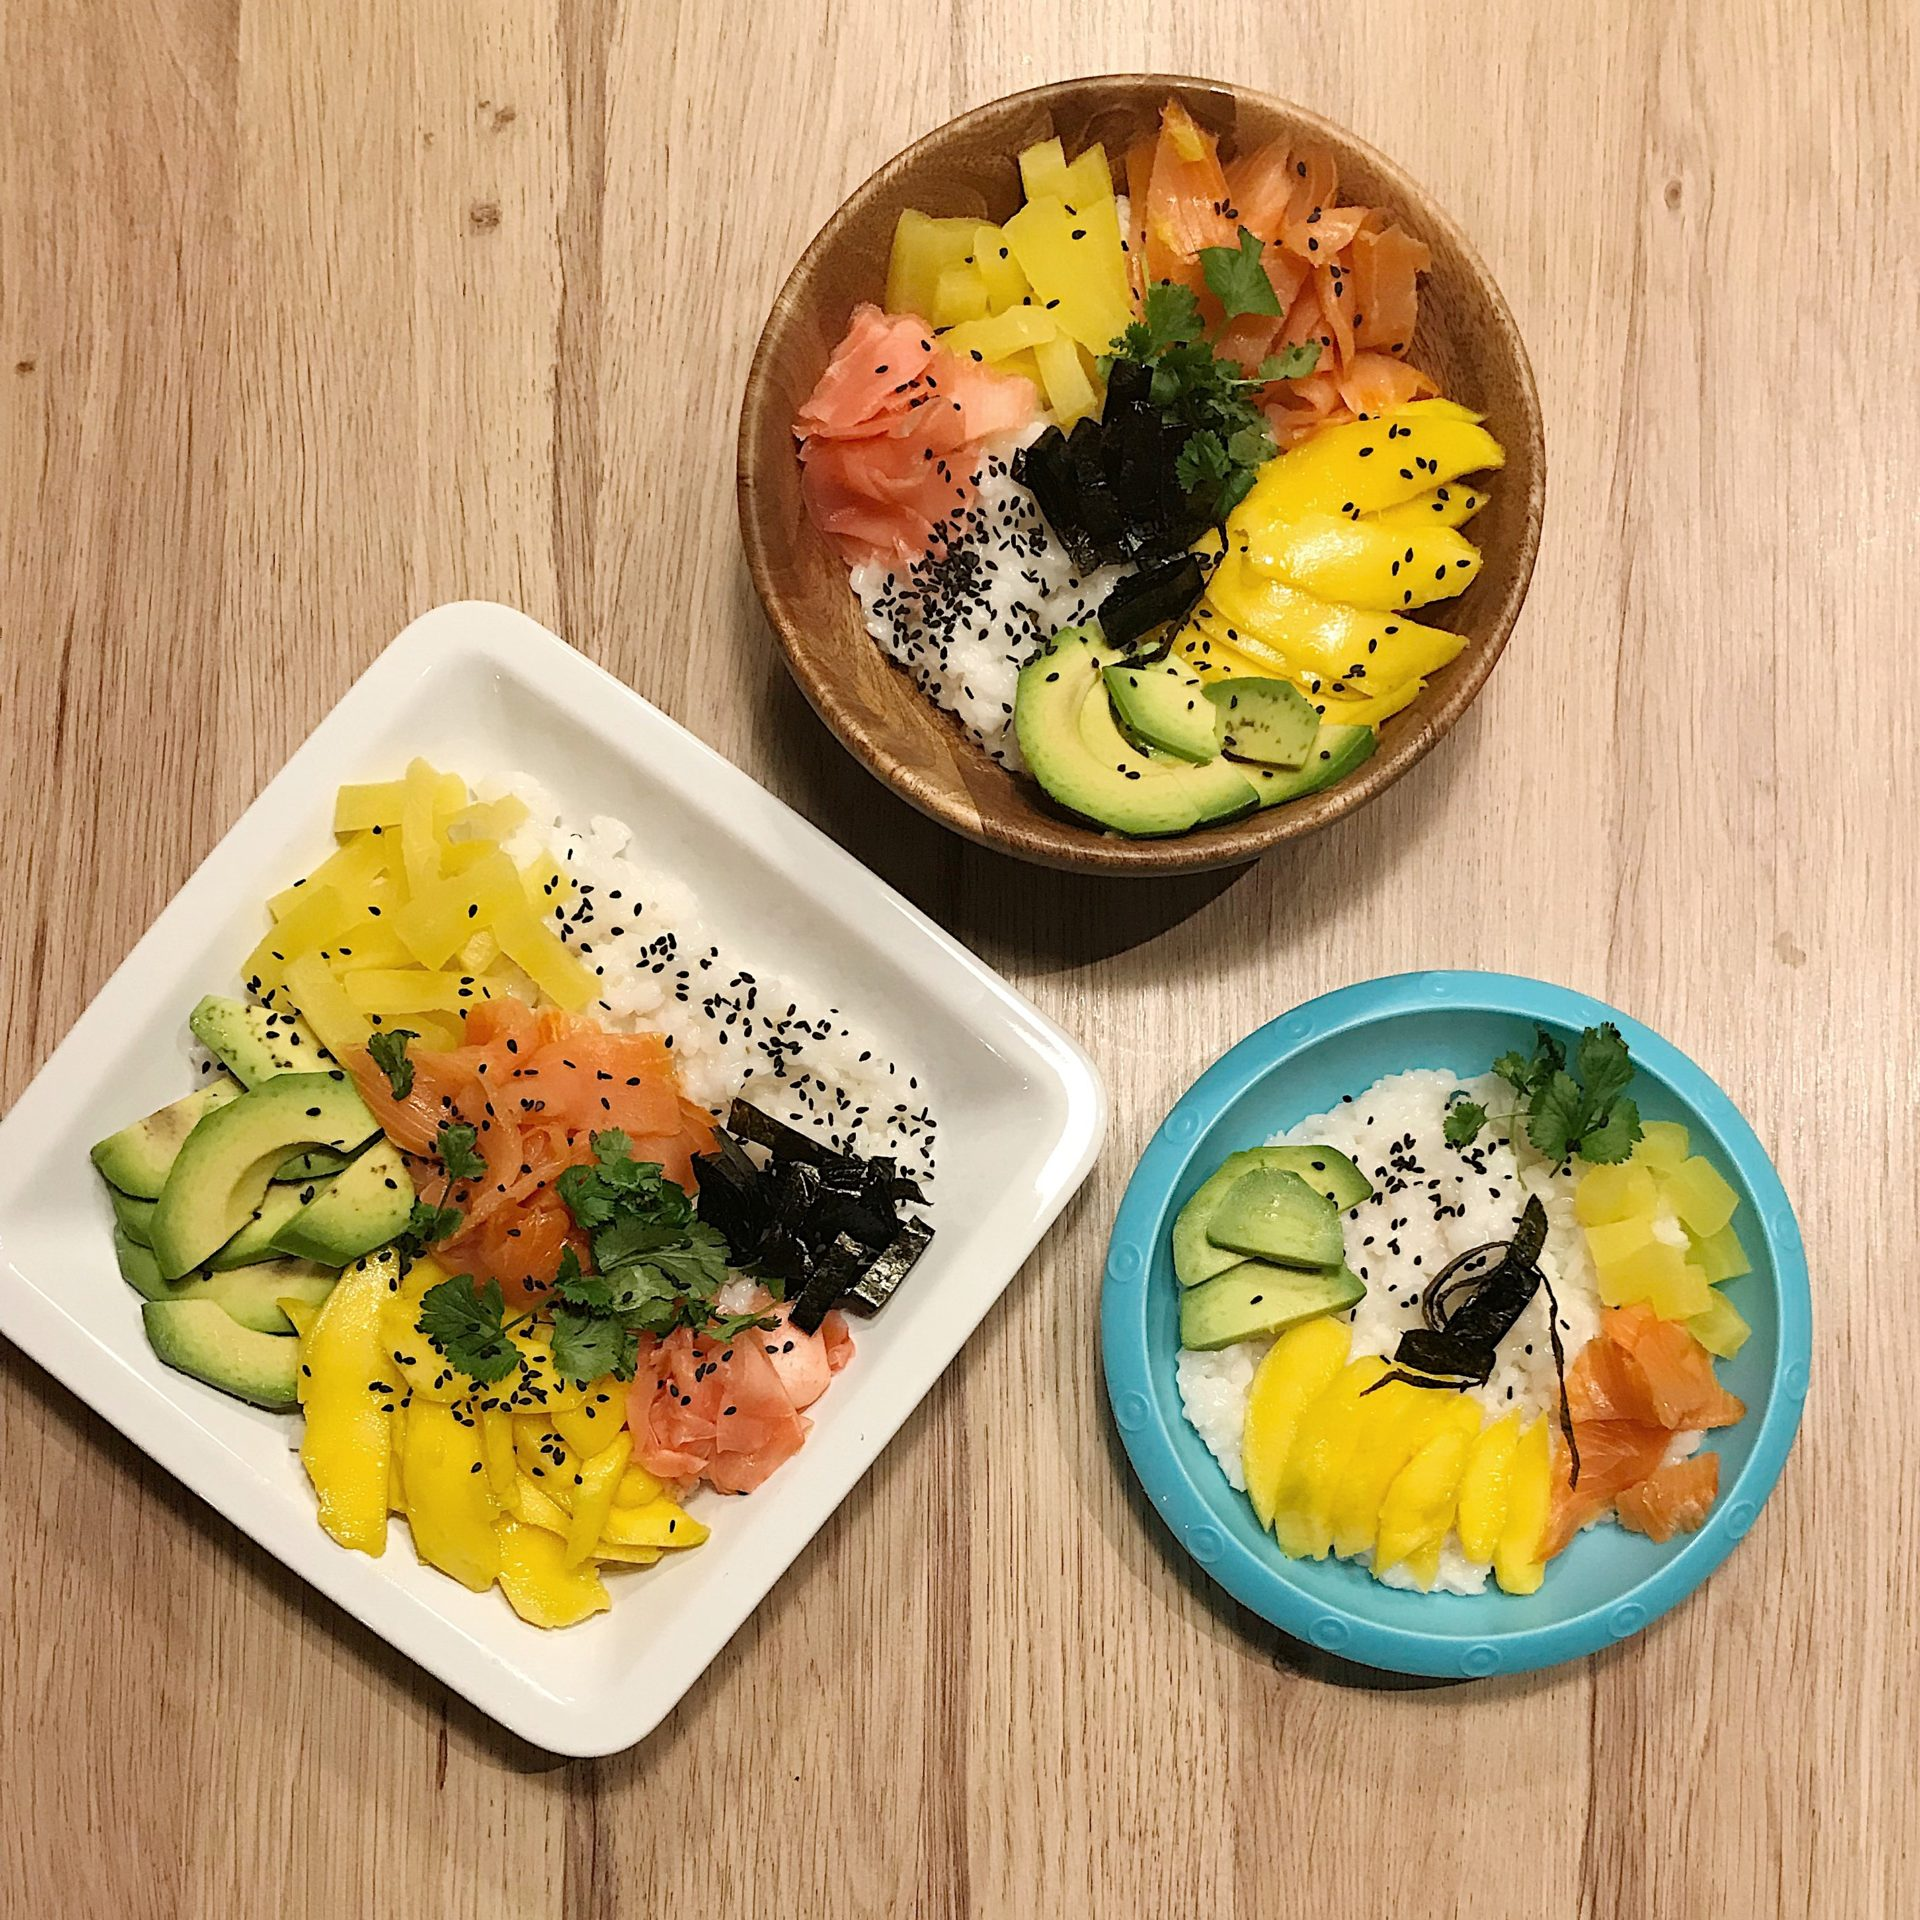 Obiady Dla Dzieci I Doroslych Czyli Sprytne Gotowanie Zdrowo I